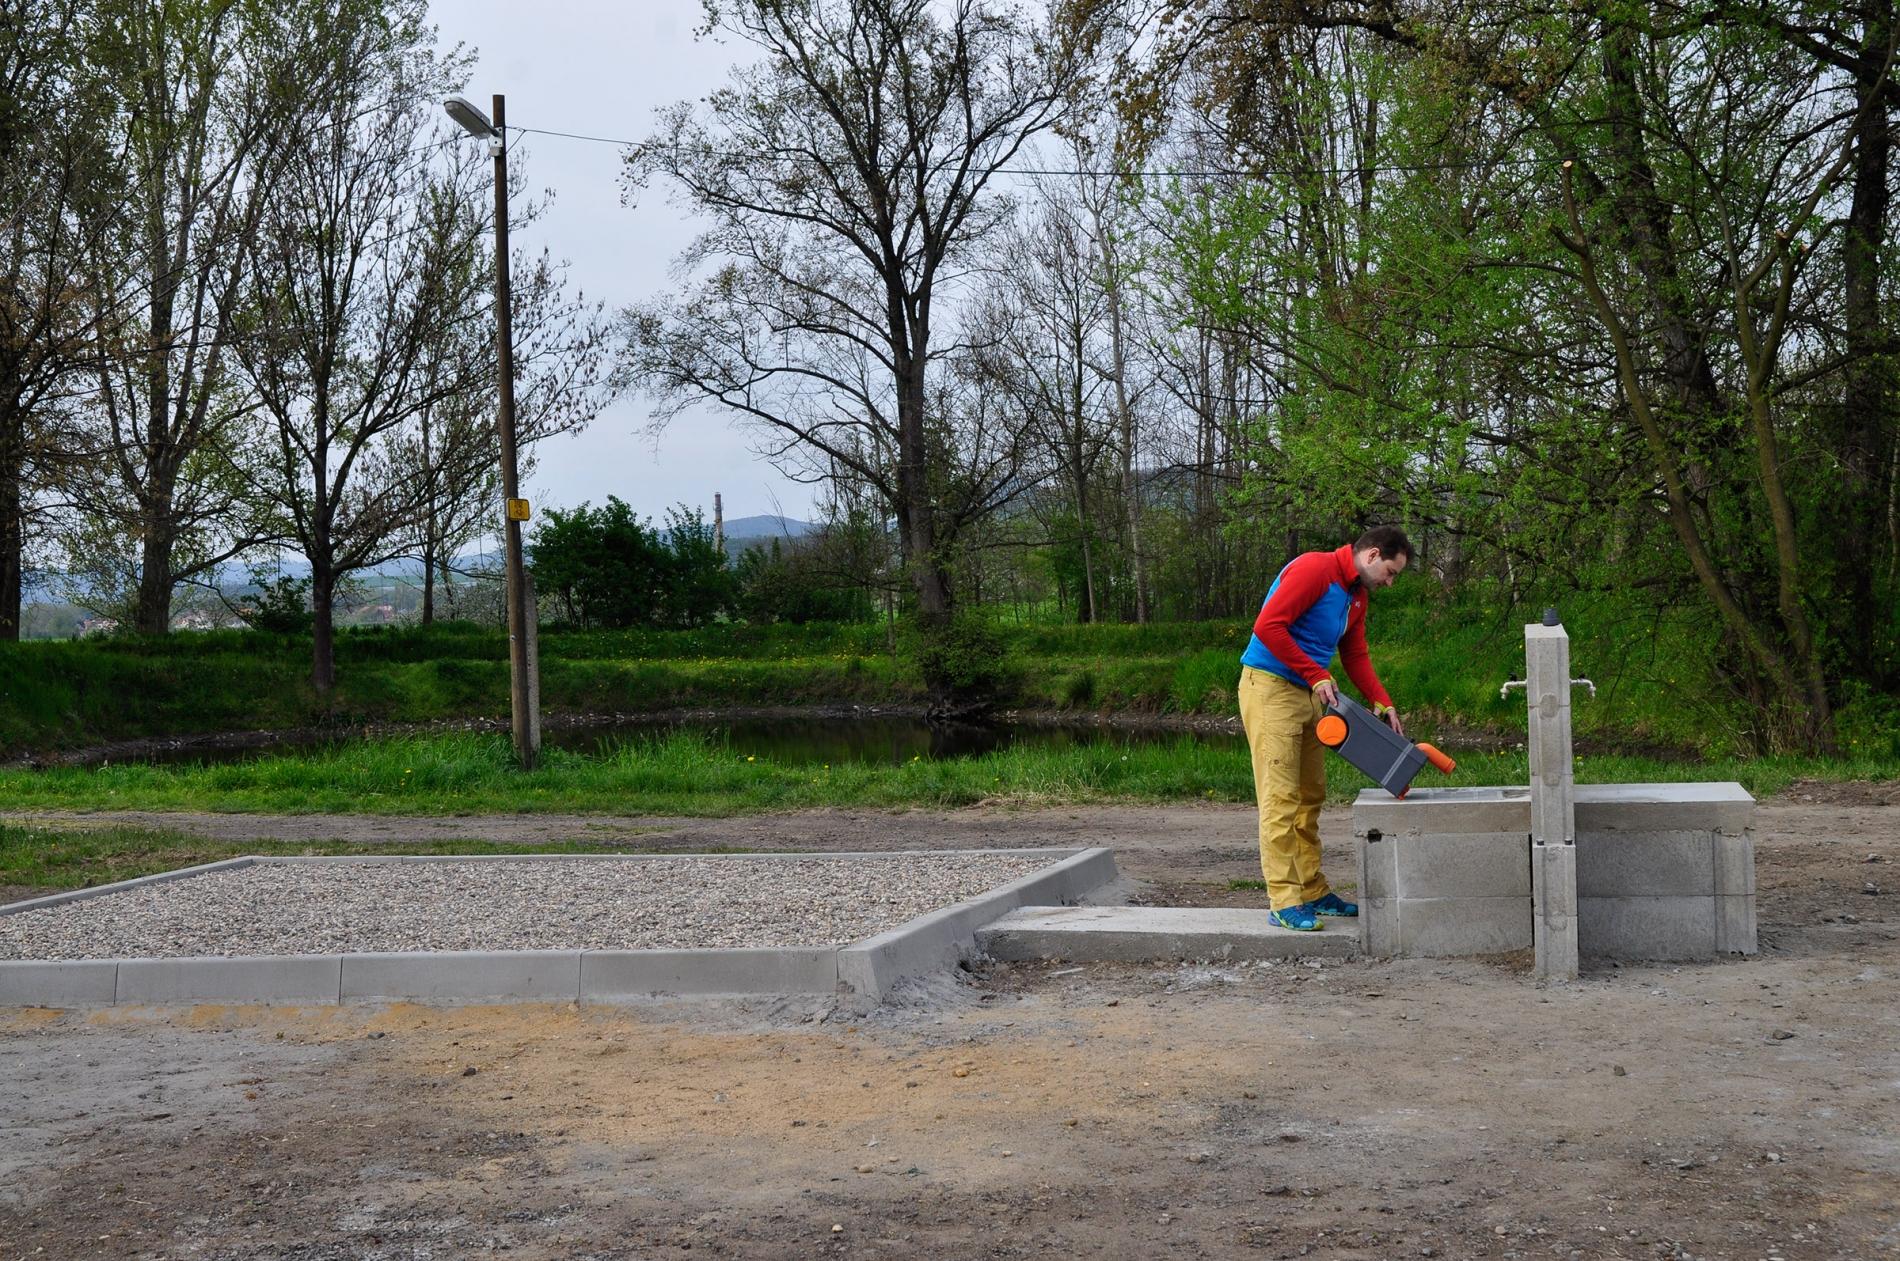 Výlevka na fekální odpad - Karavan kemp Nučničky u Litoměřic